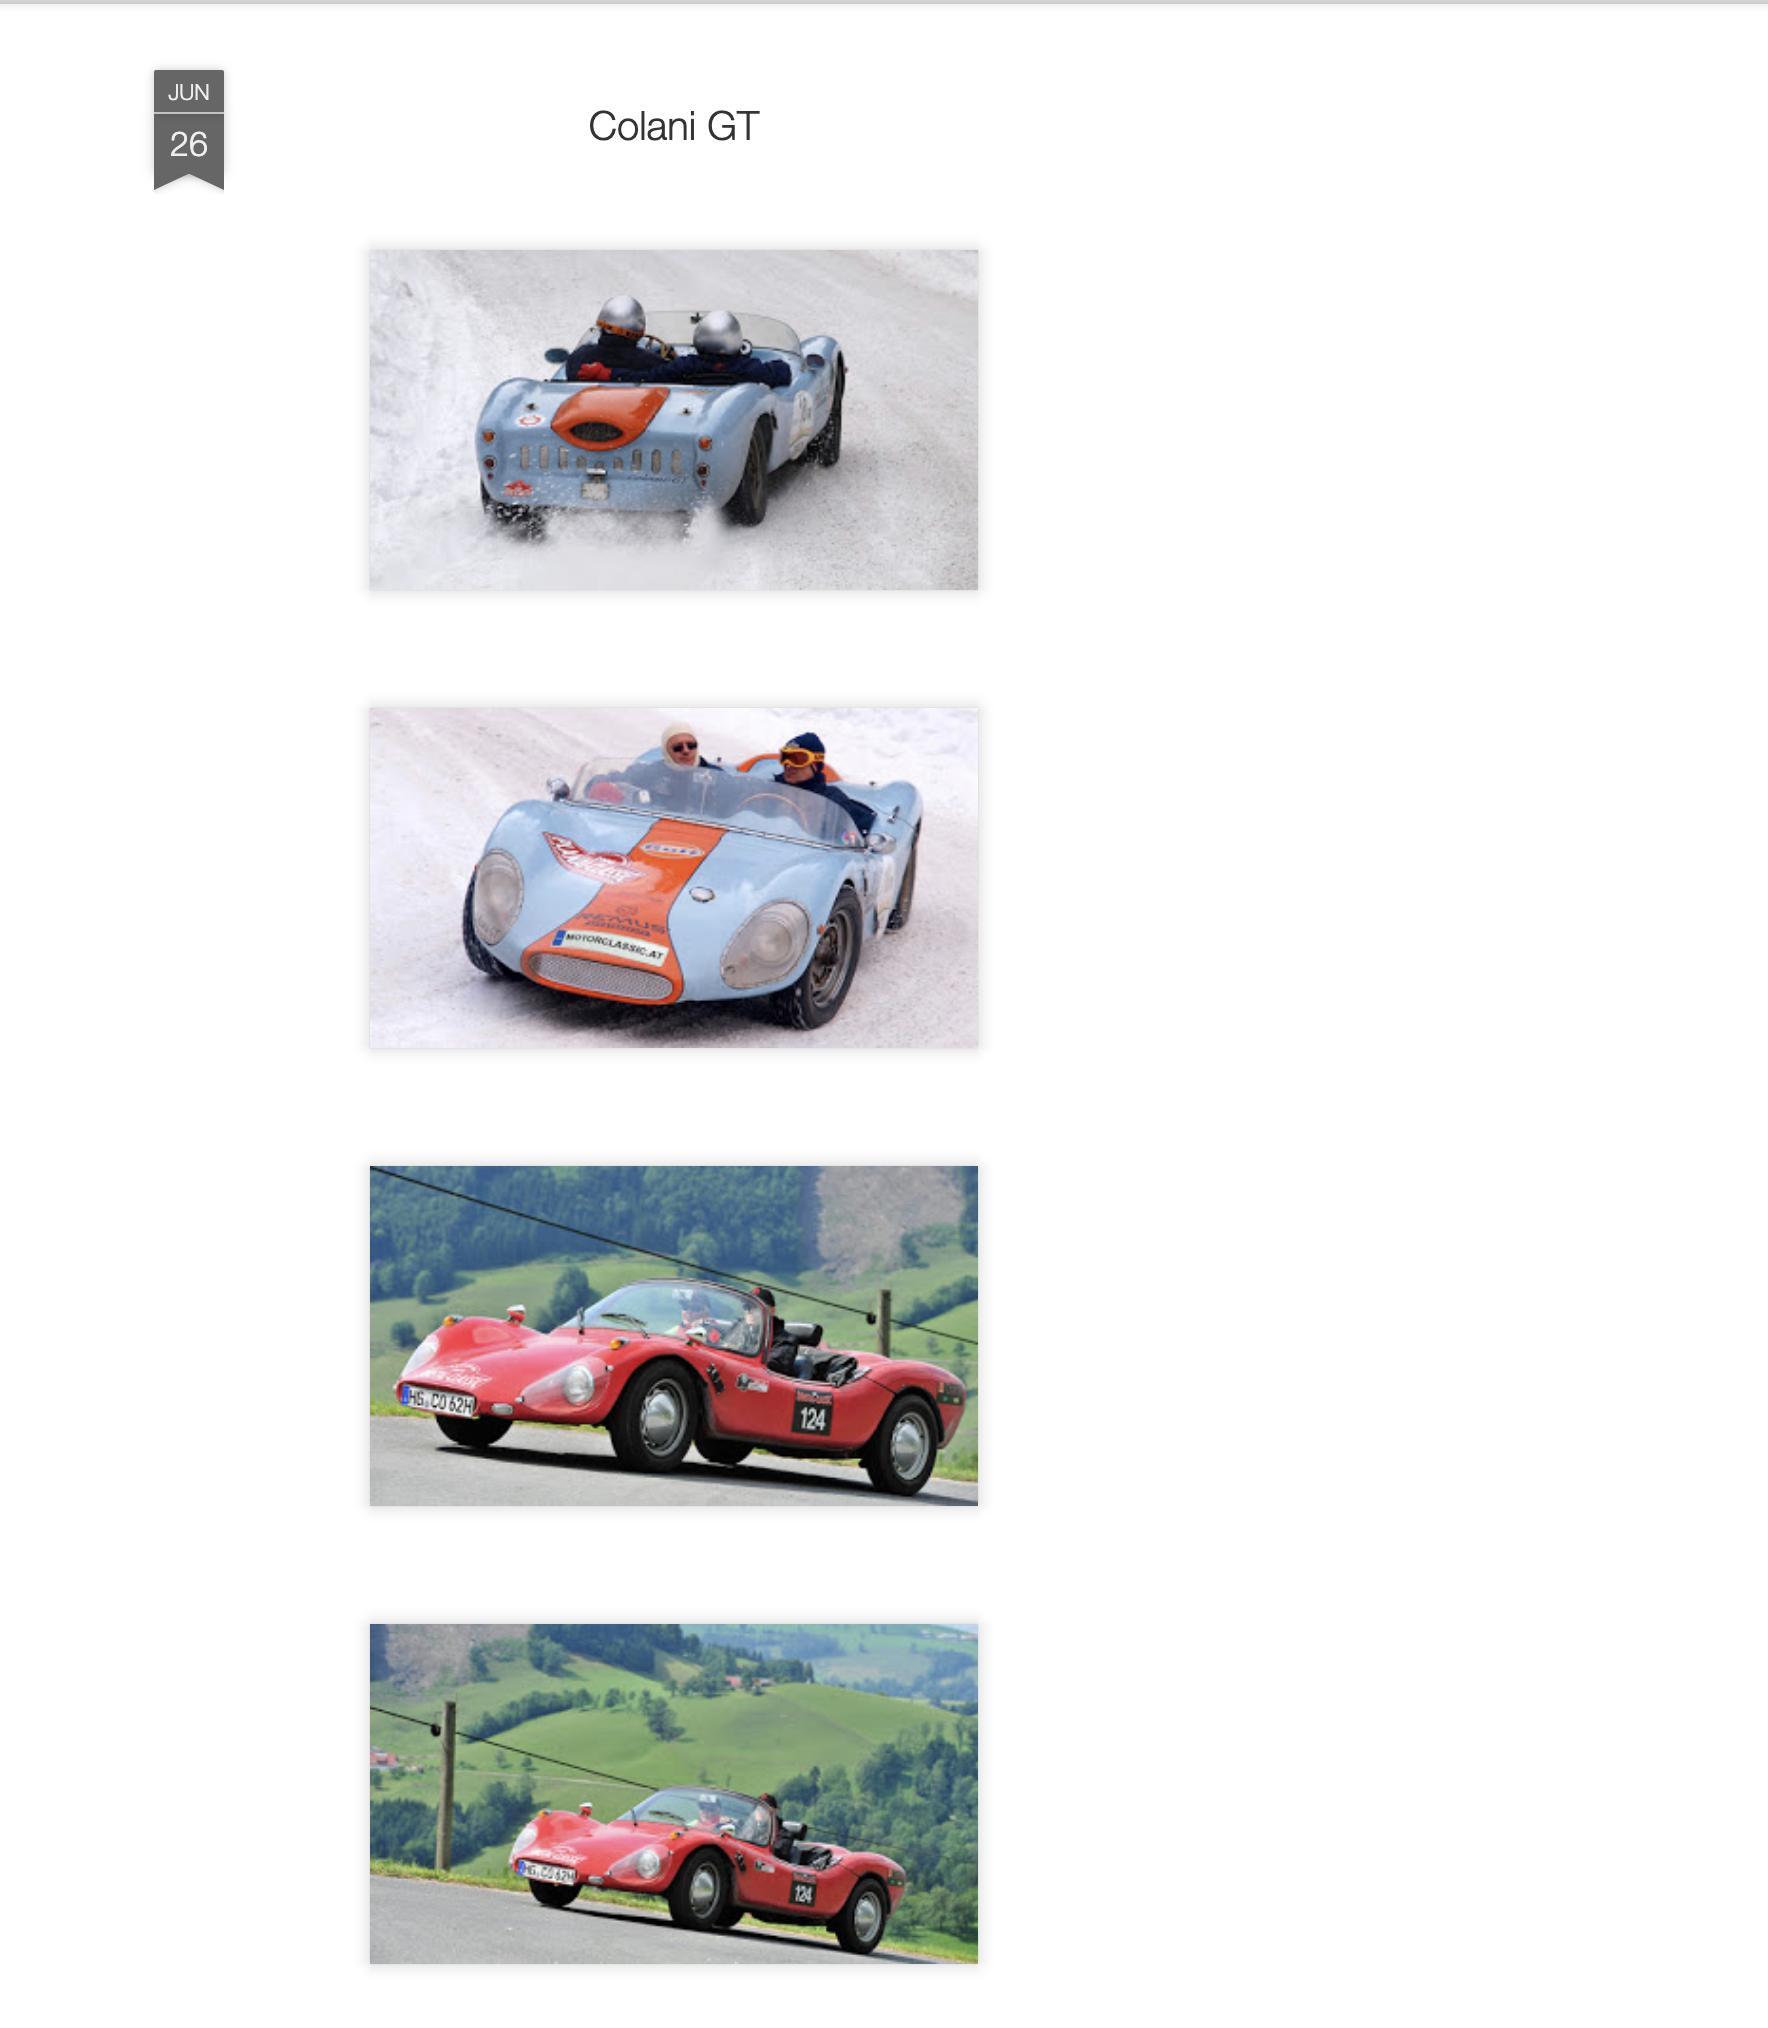 Wolfgang_Simlinger_motorclassic_blogspot_1v2